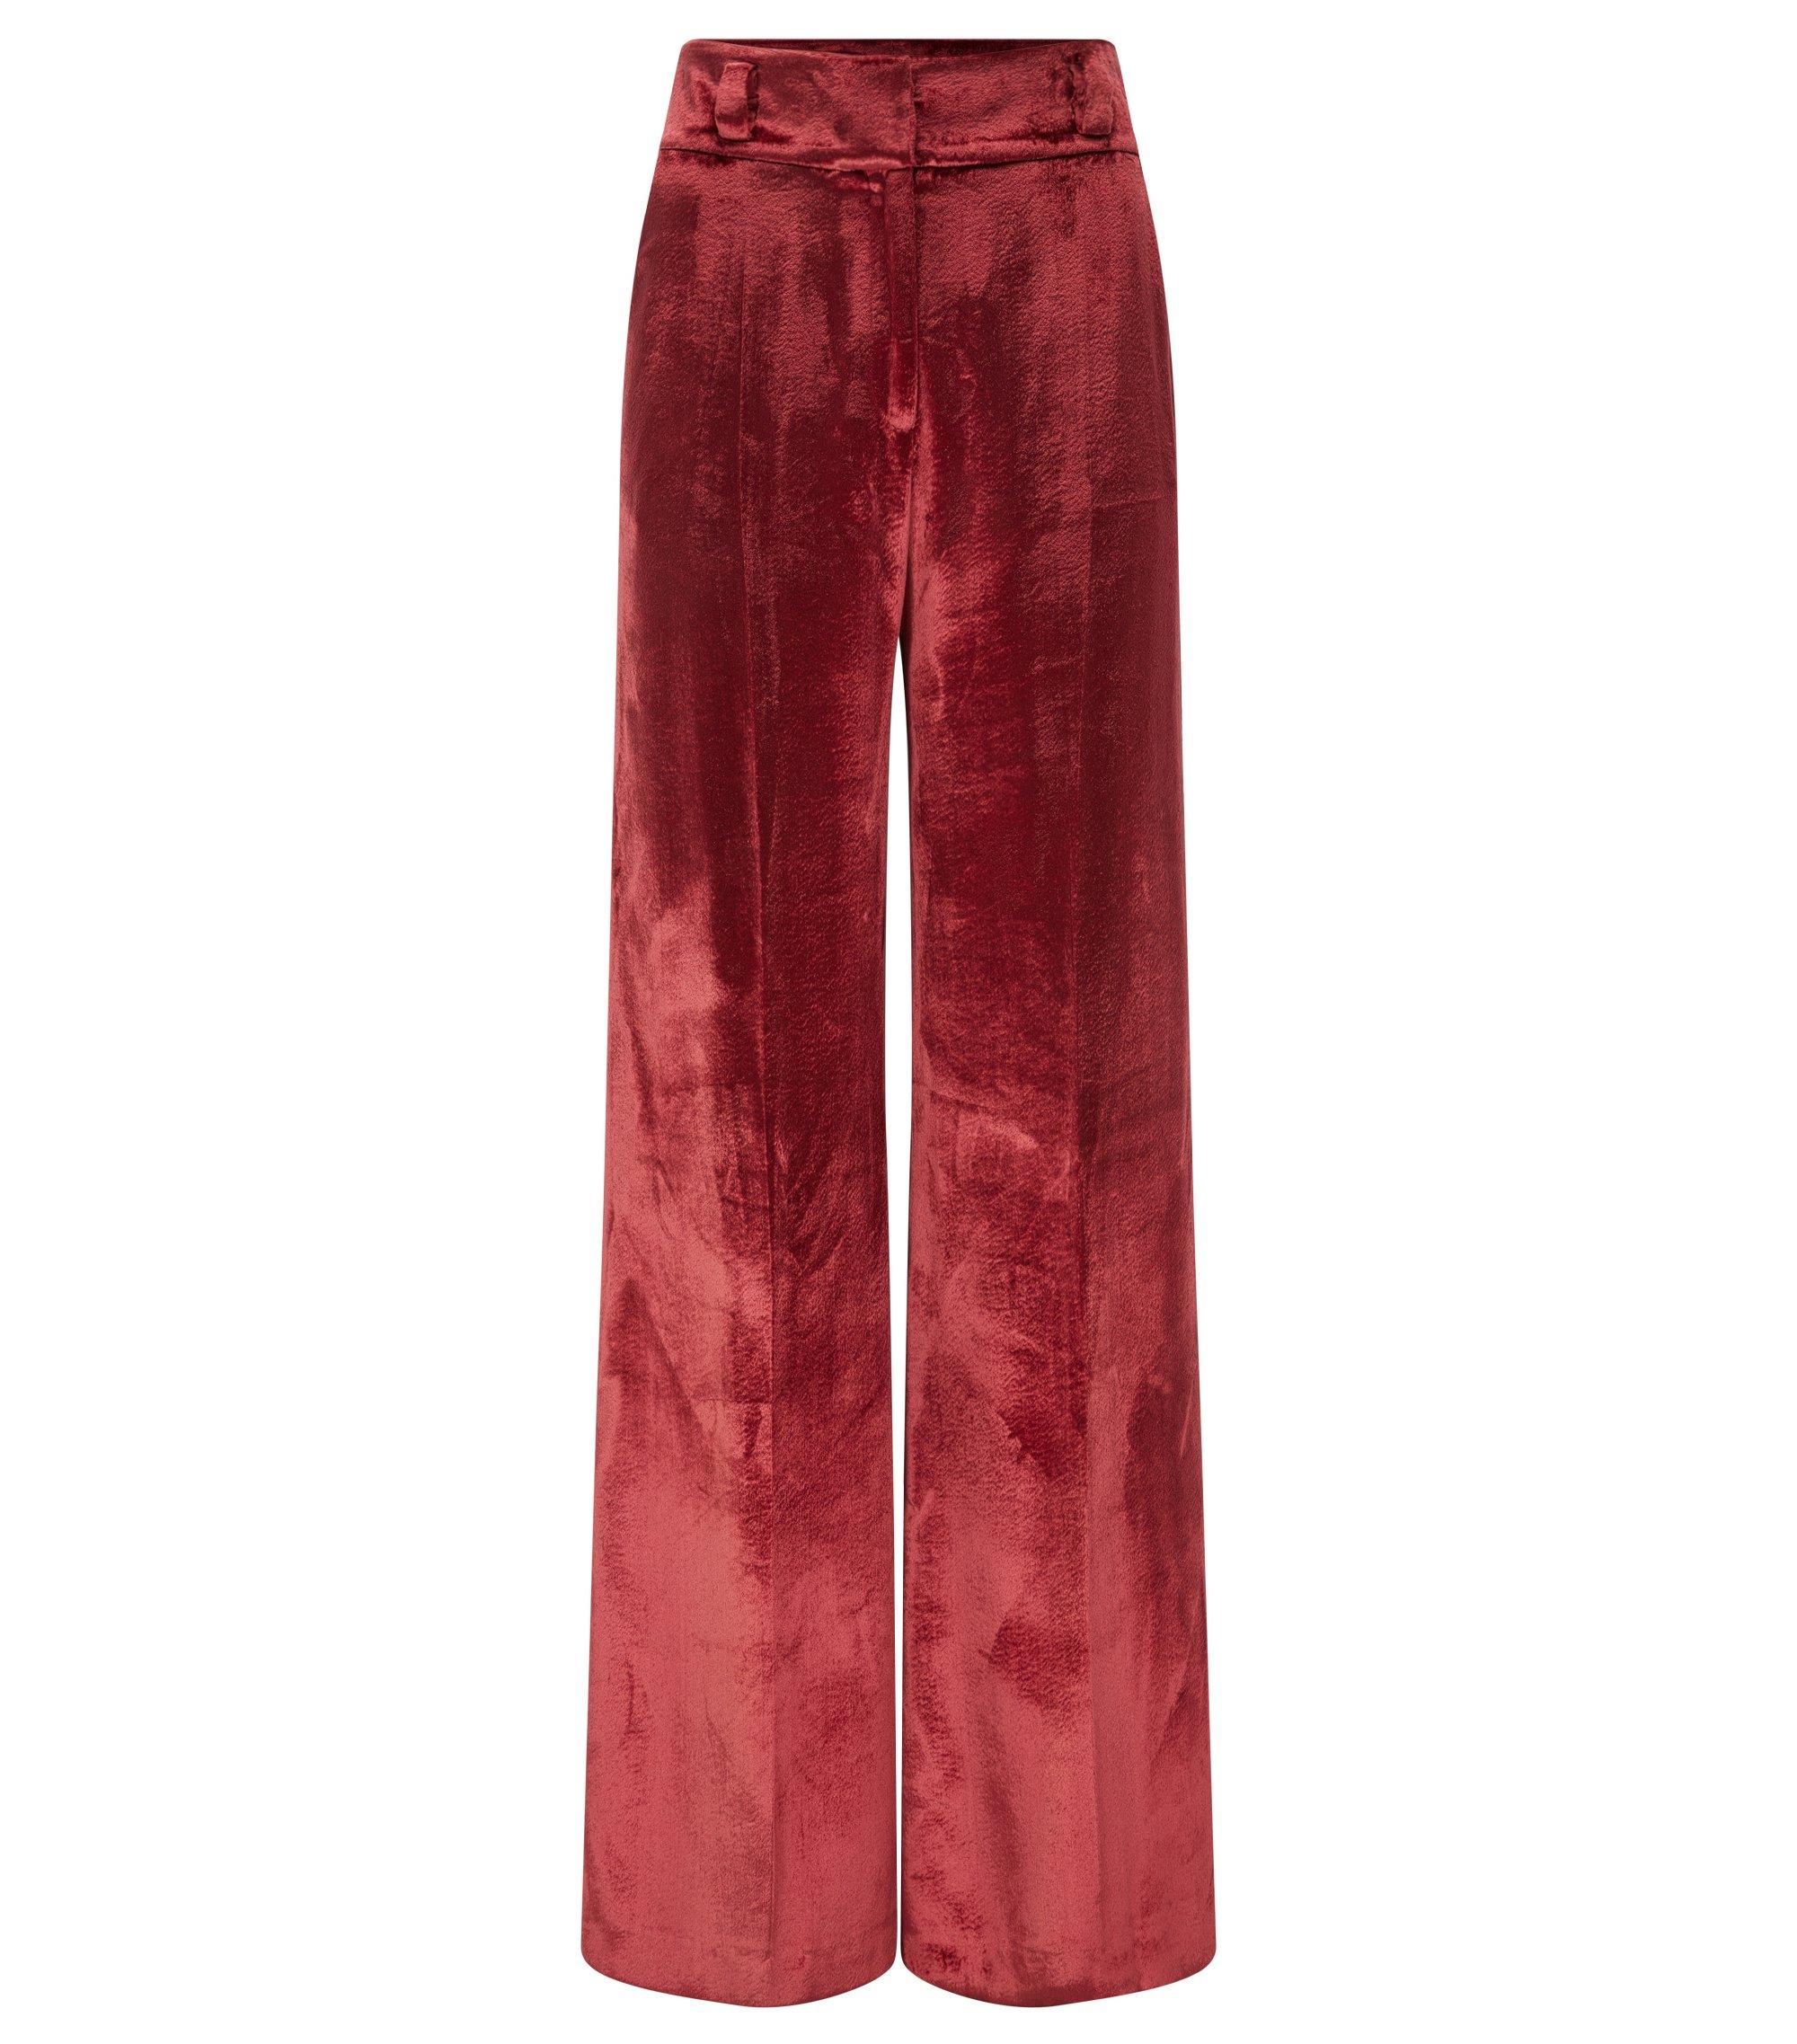 Pantalón oversize fit de terciopelo con pernera ancha, Rojo oscuro